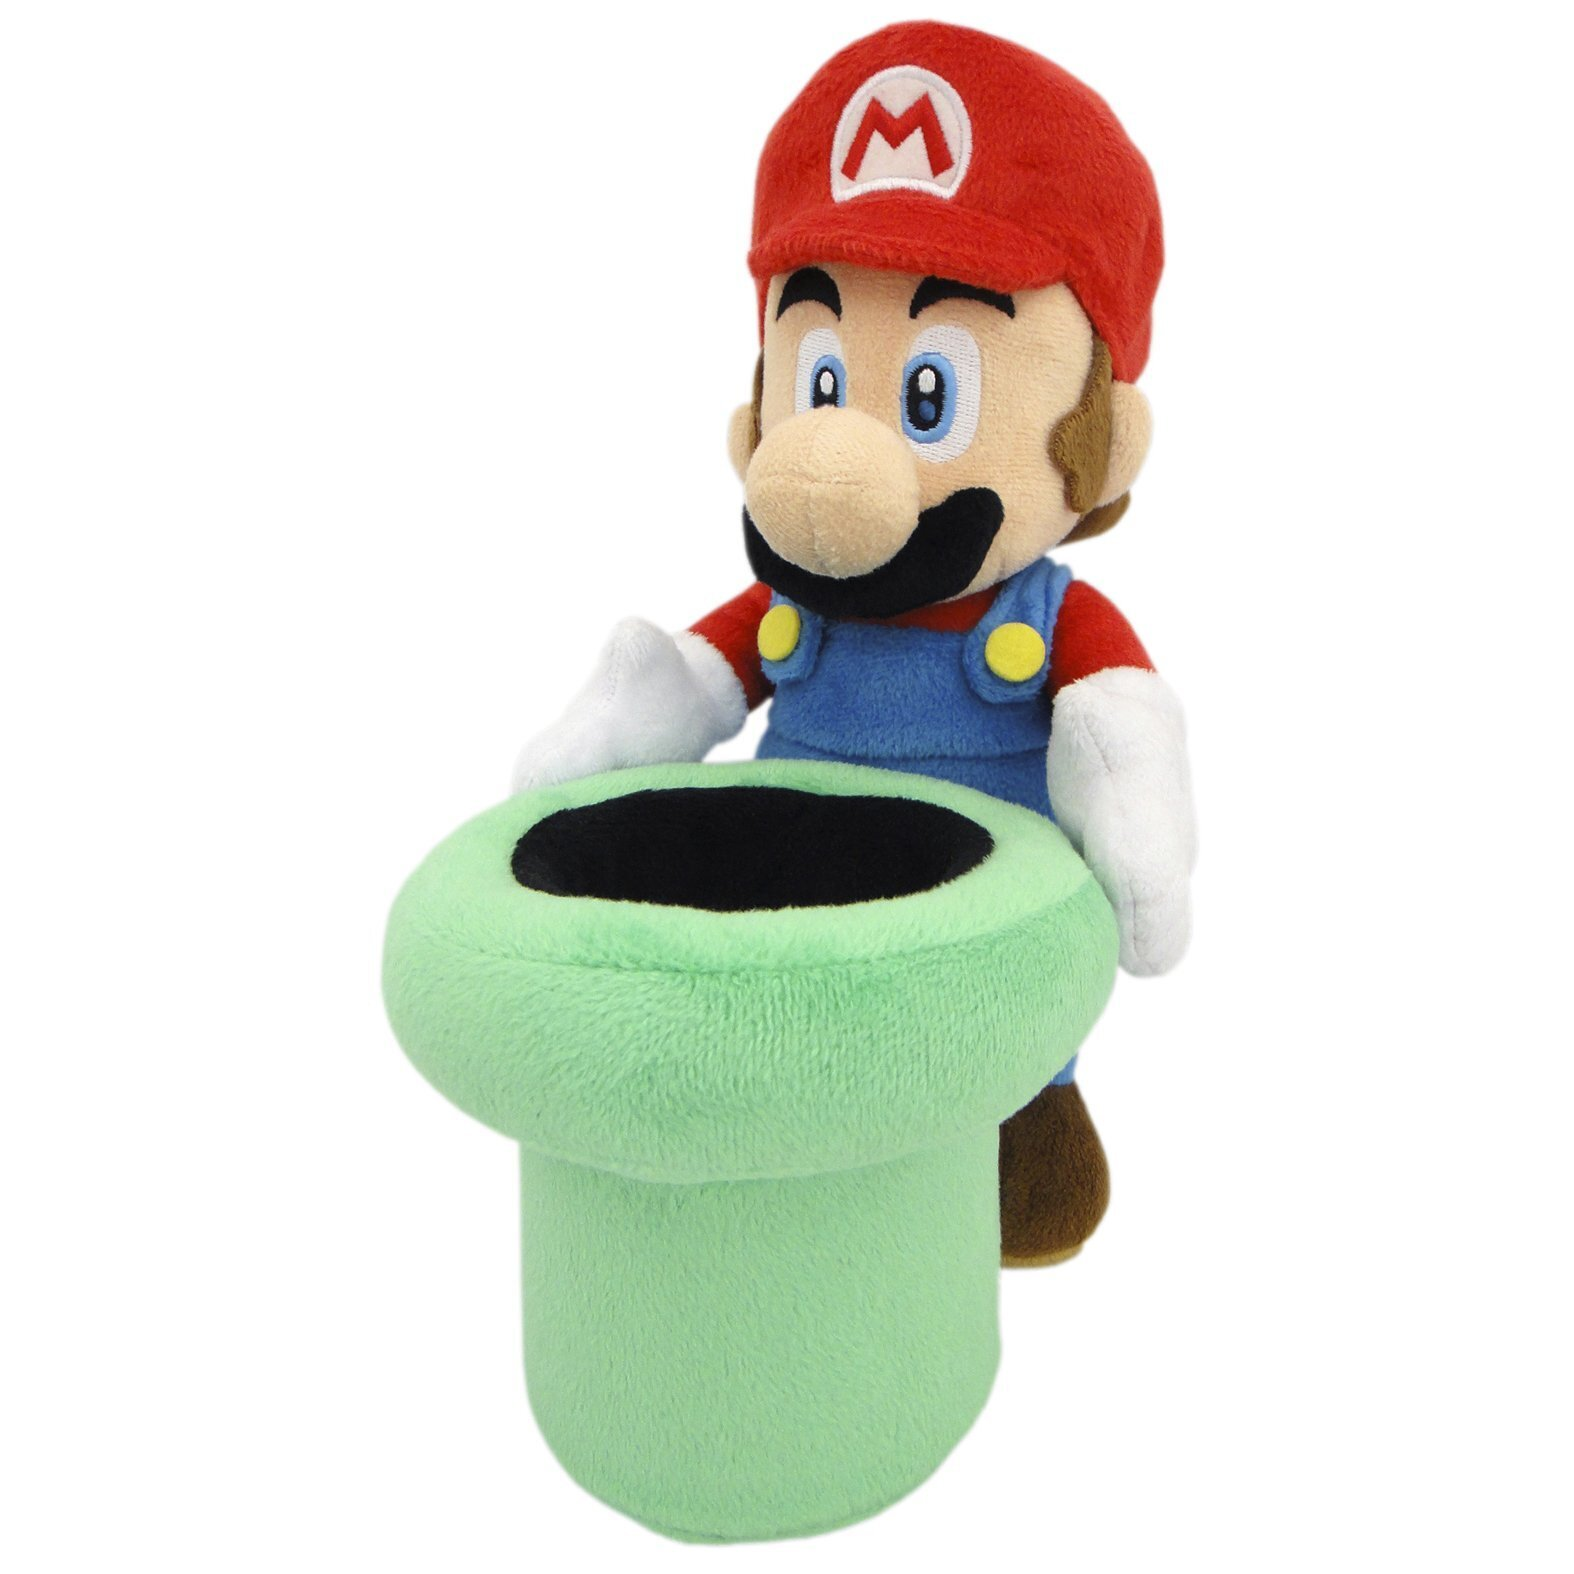 Mario & Warp Pipe Official Super Mario Plush